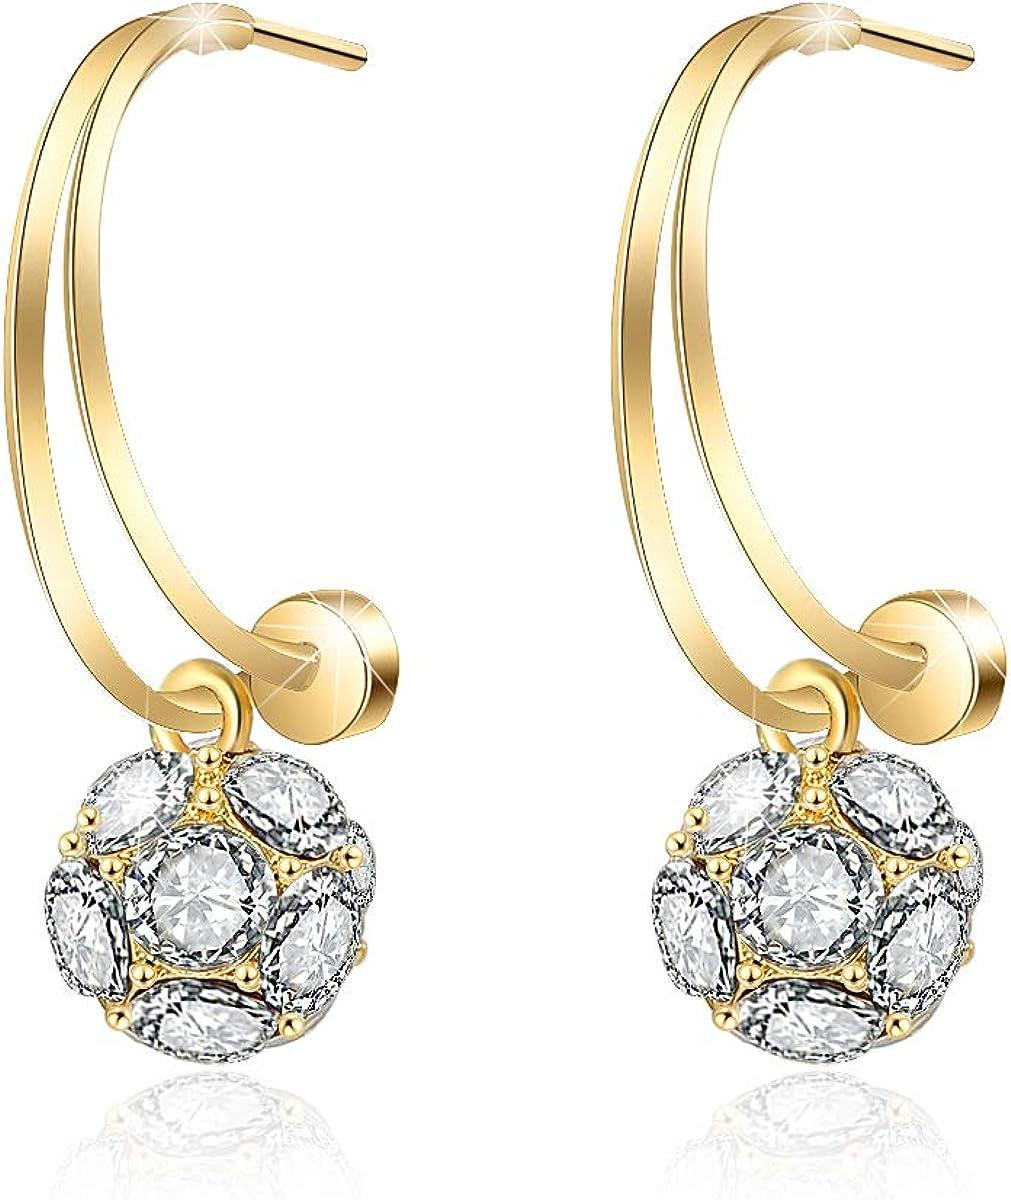 EYESHOCK Cute Earrings for Women In stock Shipping included Girls Crystal Flower Austrian